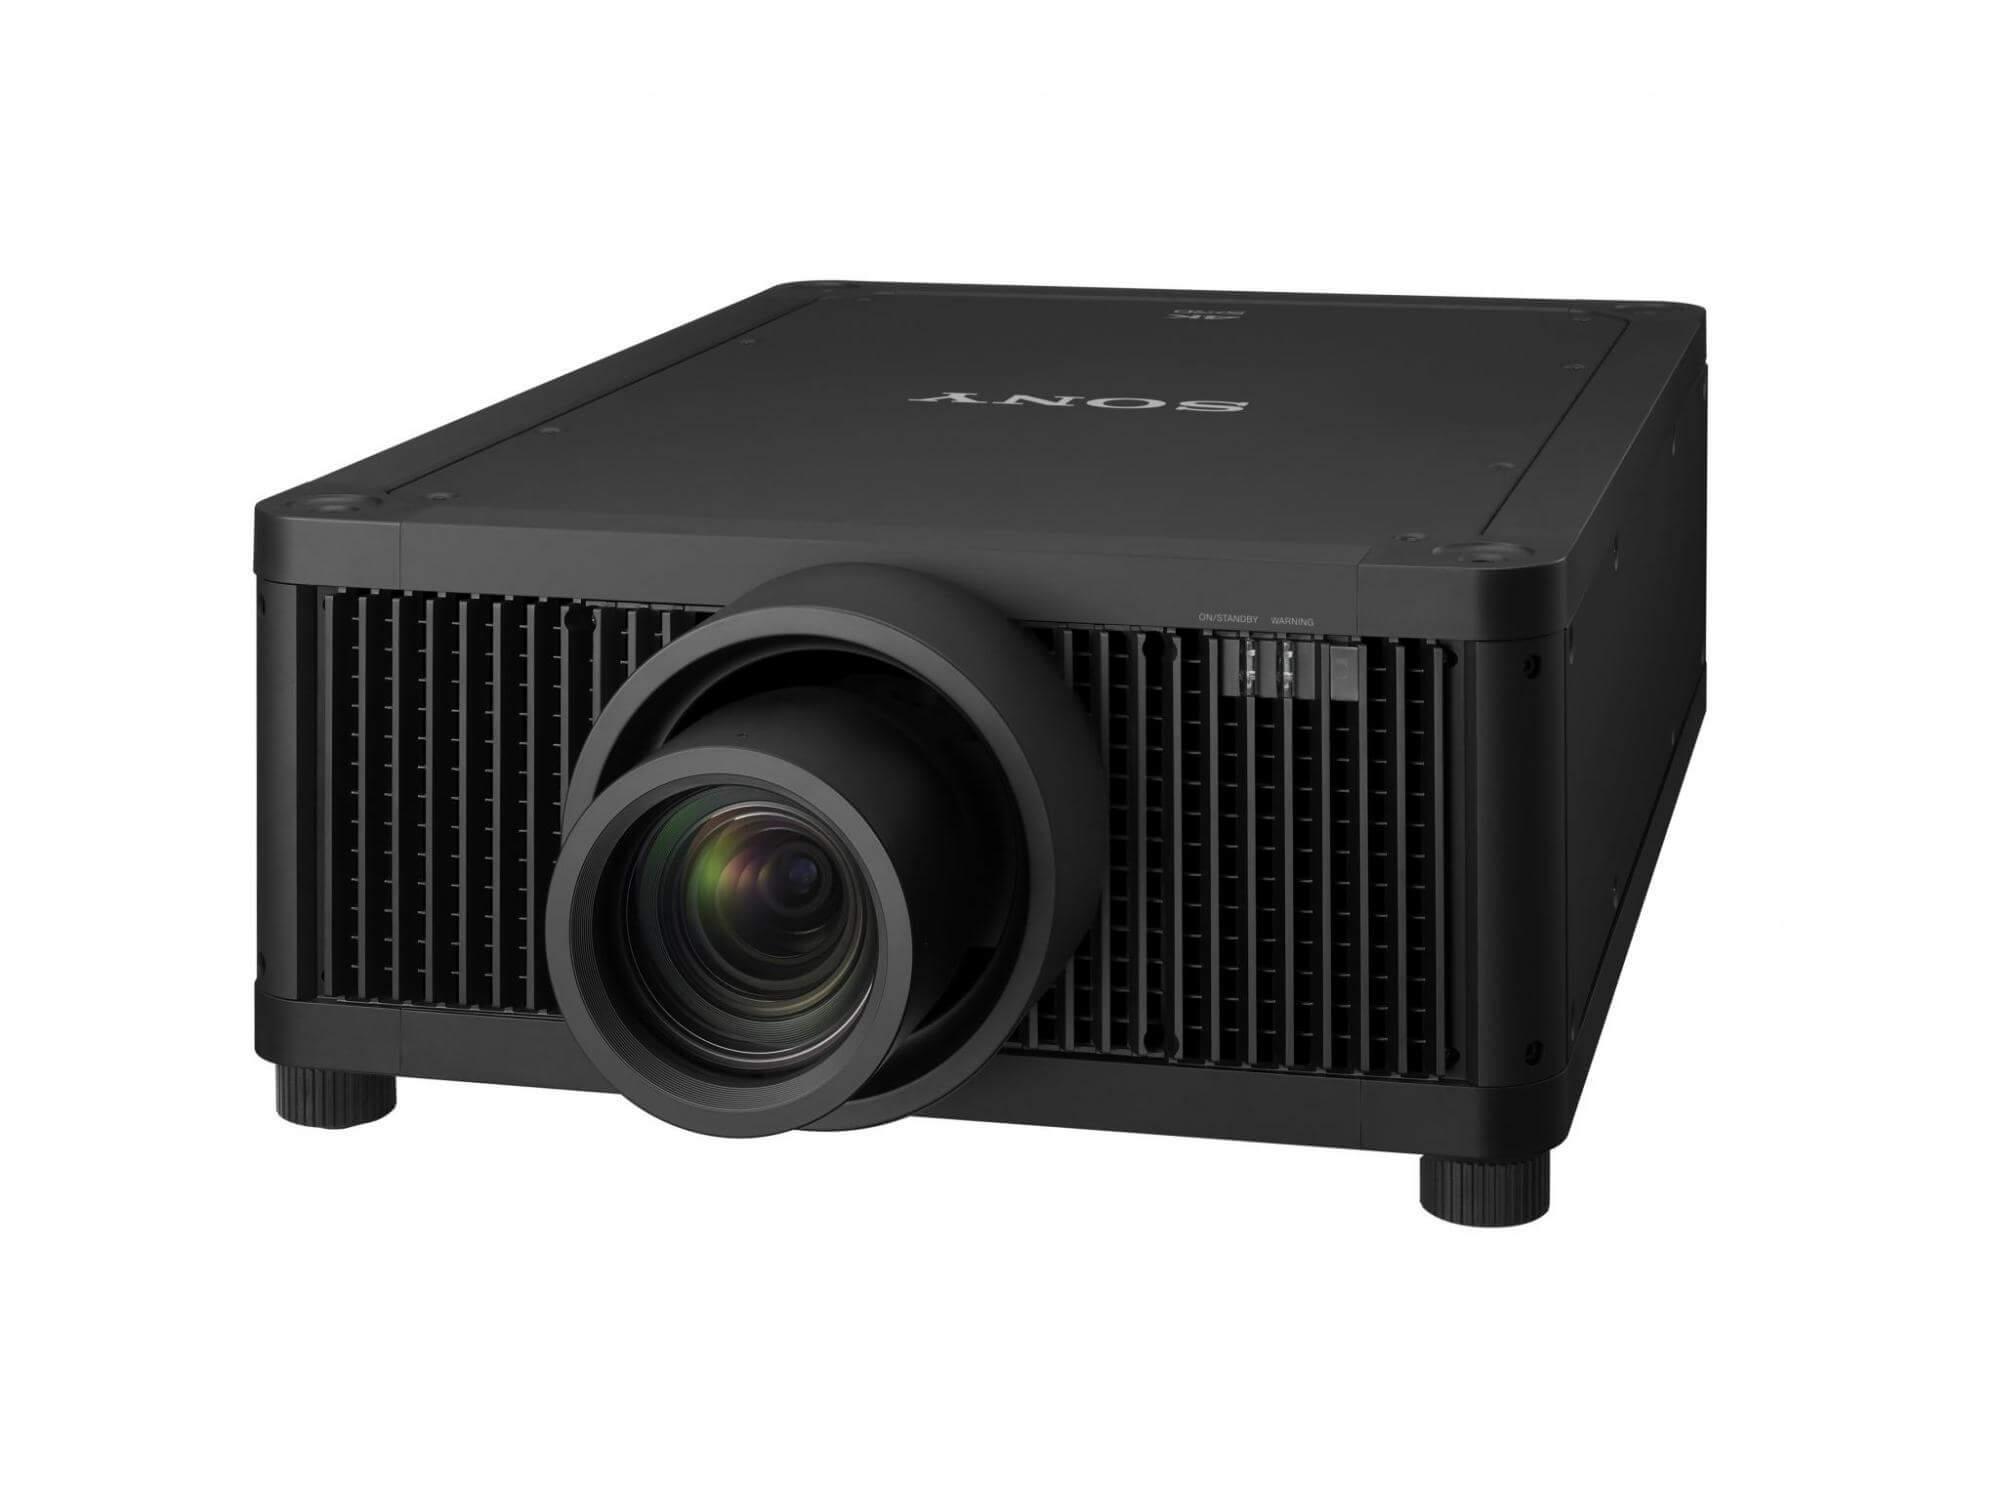 Sony VPL-GTZ380 - Sony cambia la manera de ver cine en casa